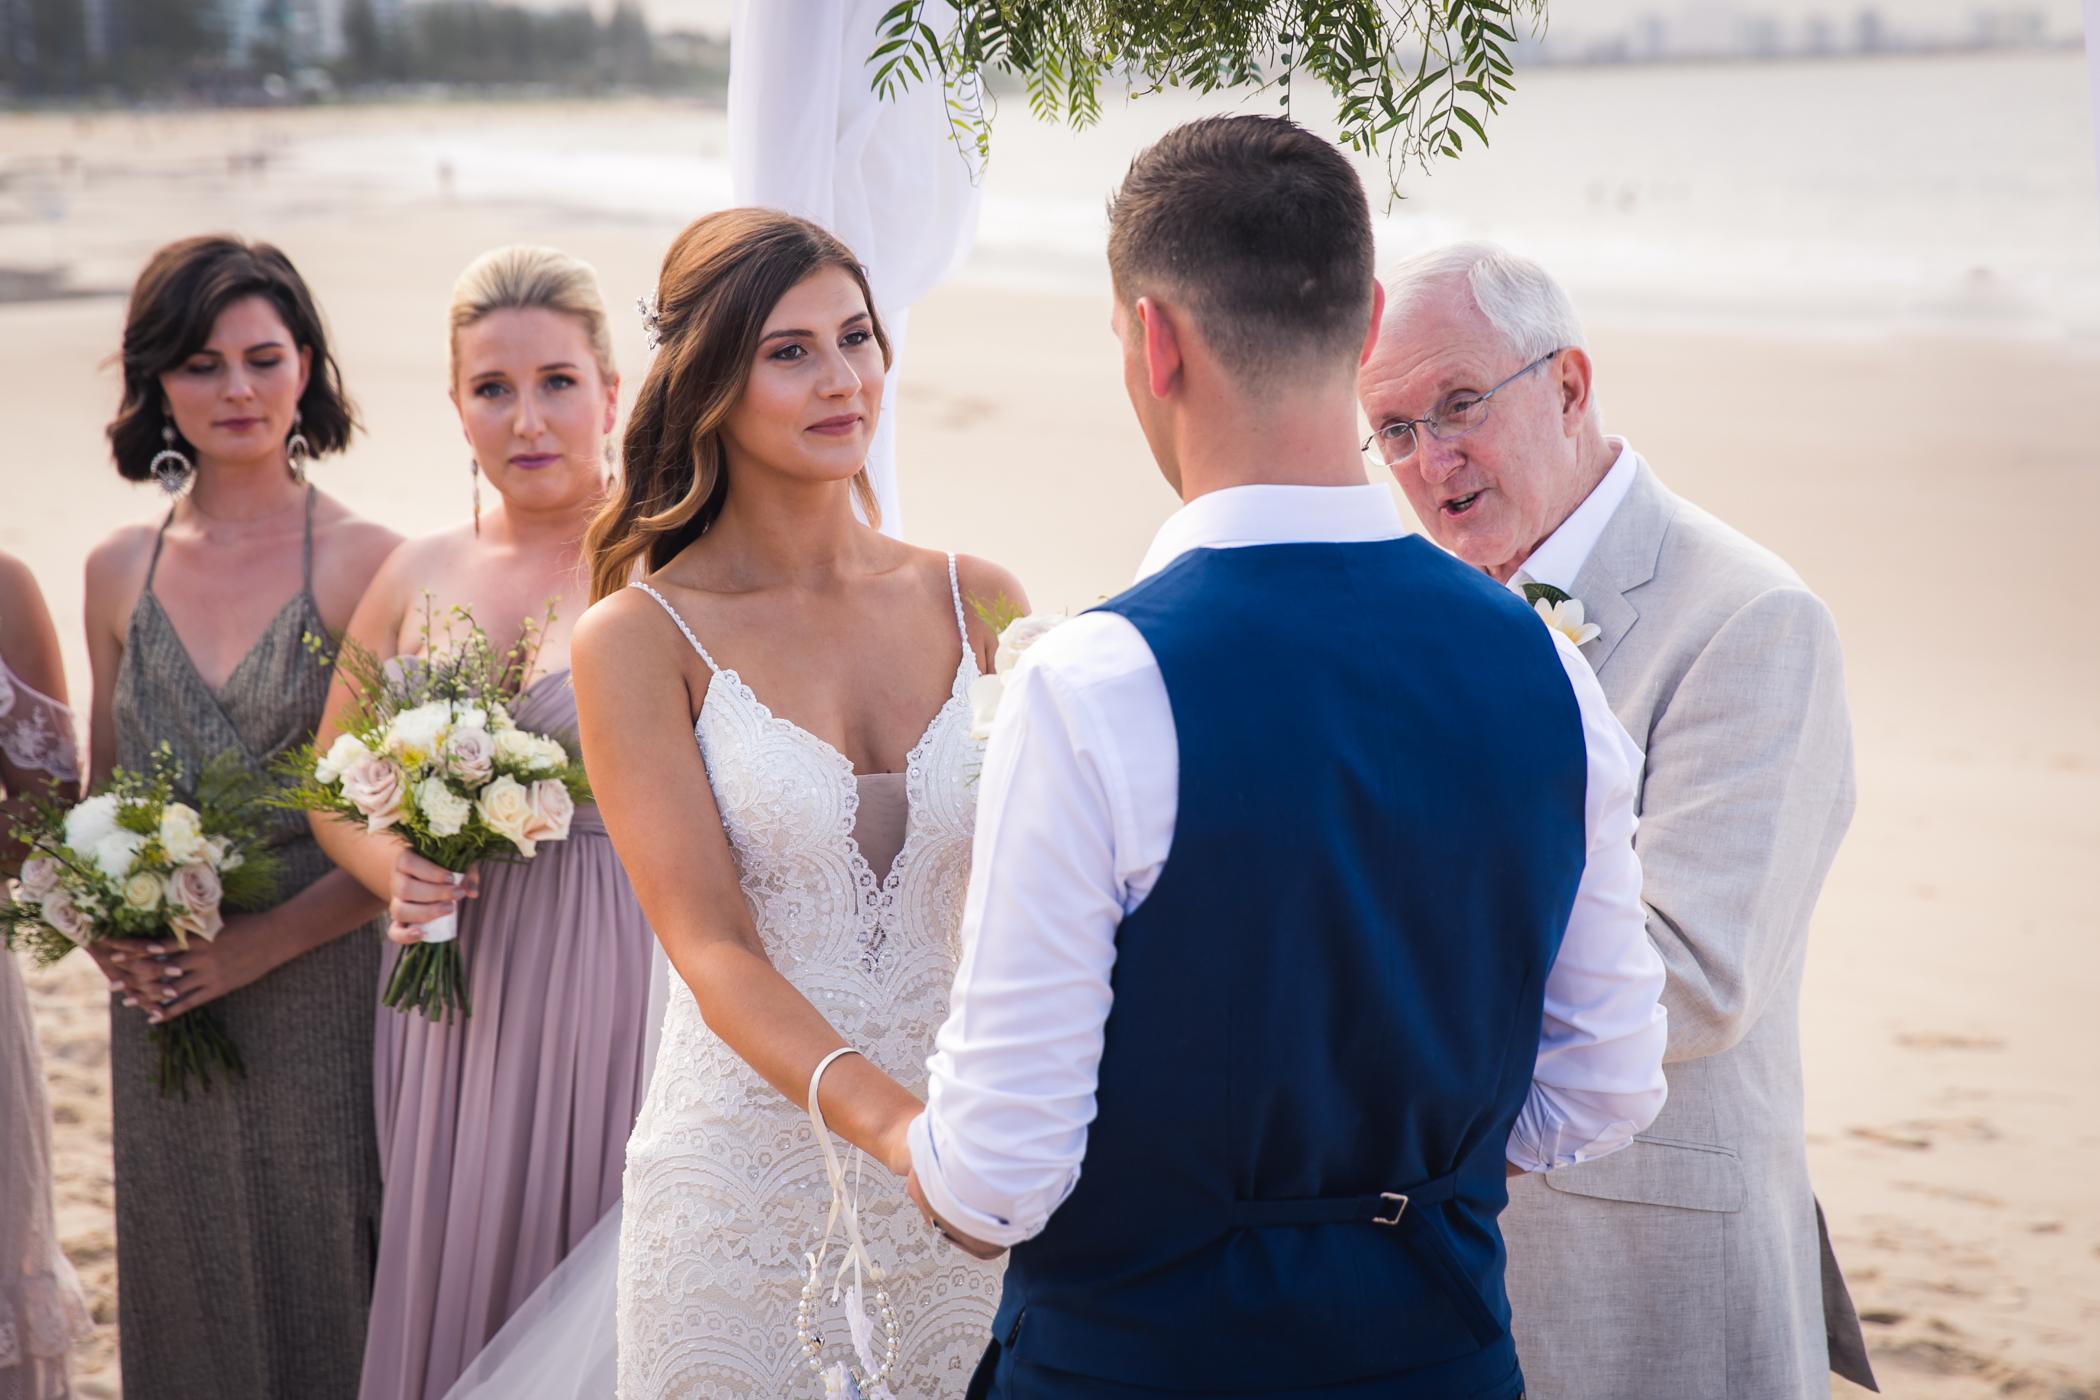 wedding photo of ceremony